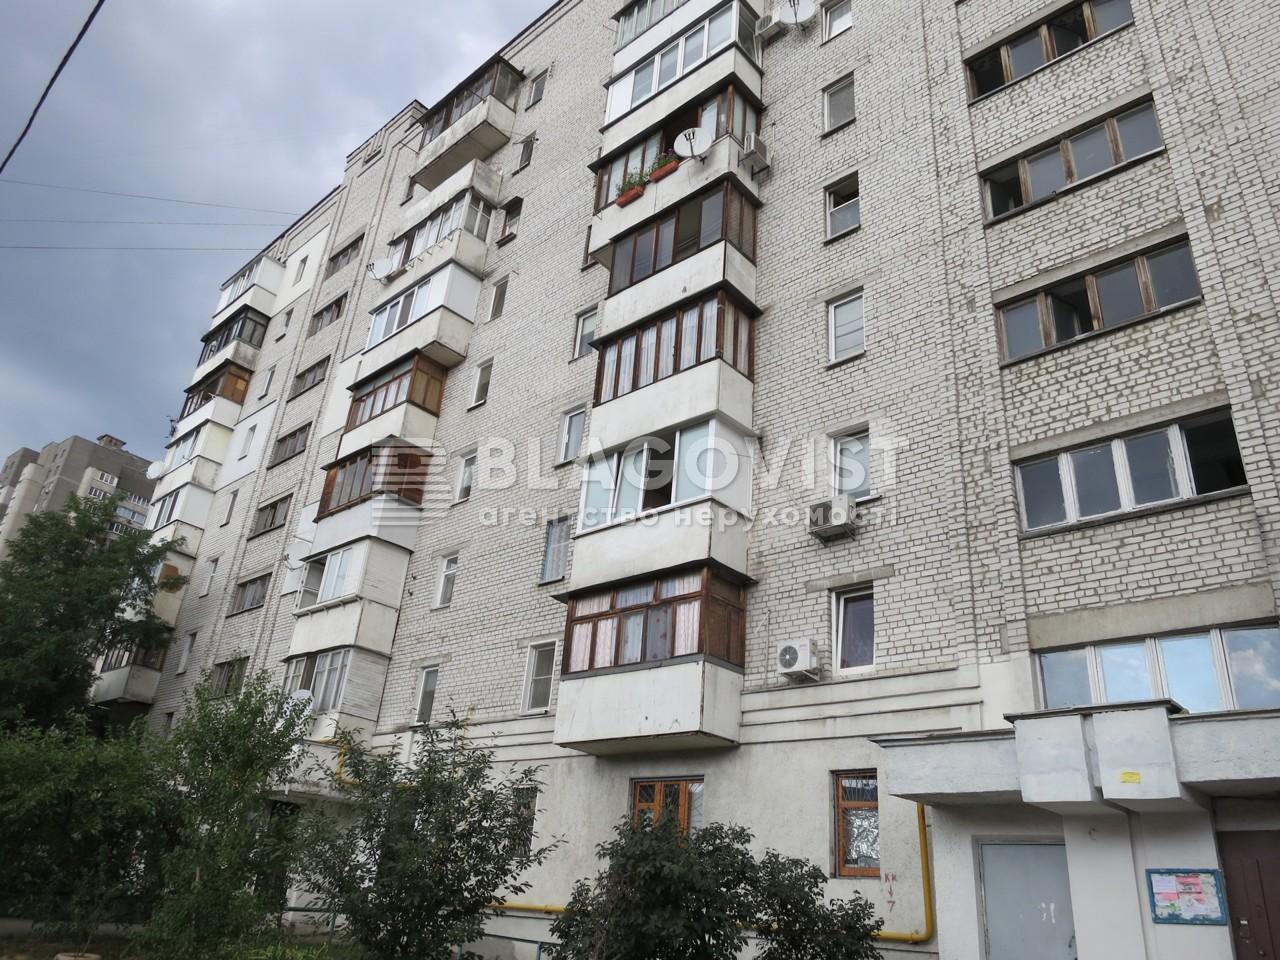 Квартира C-108792, Бышевский пер., 9, Киев - Фото 1